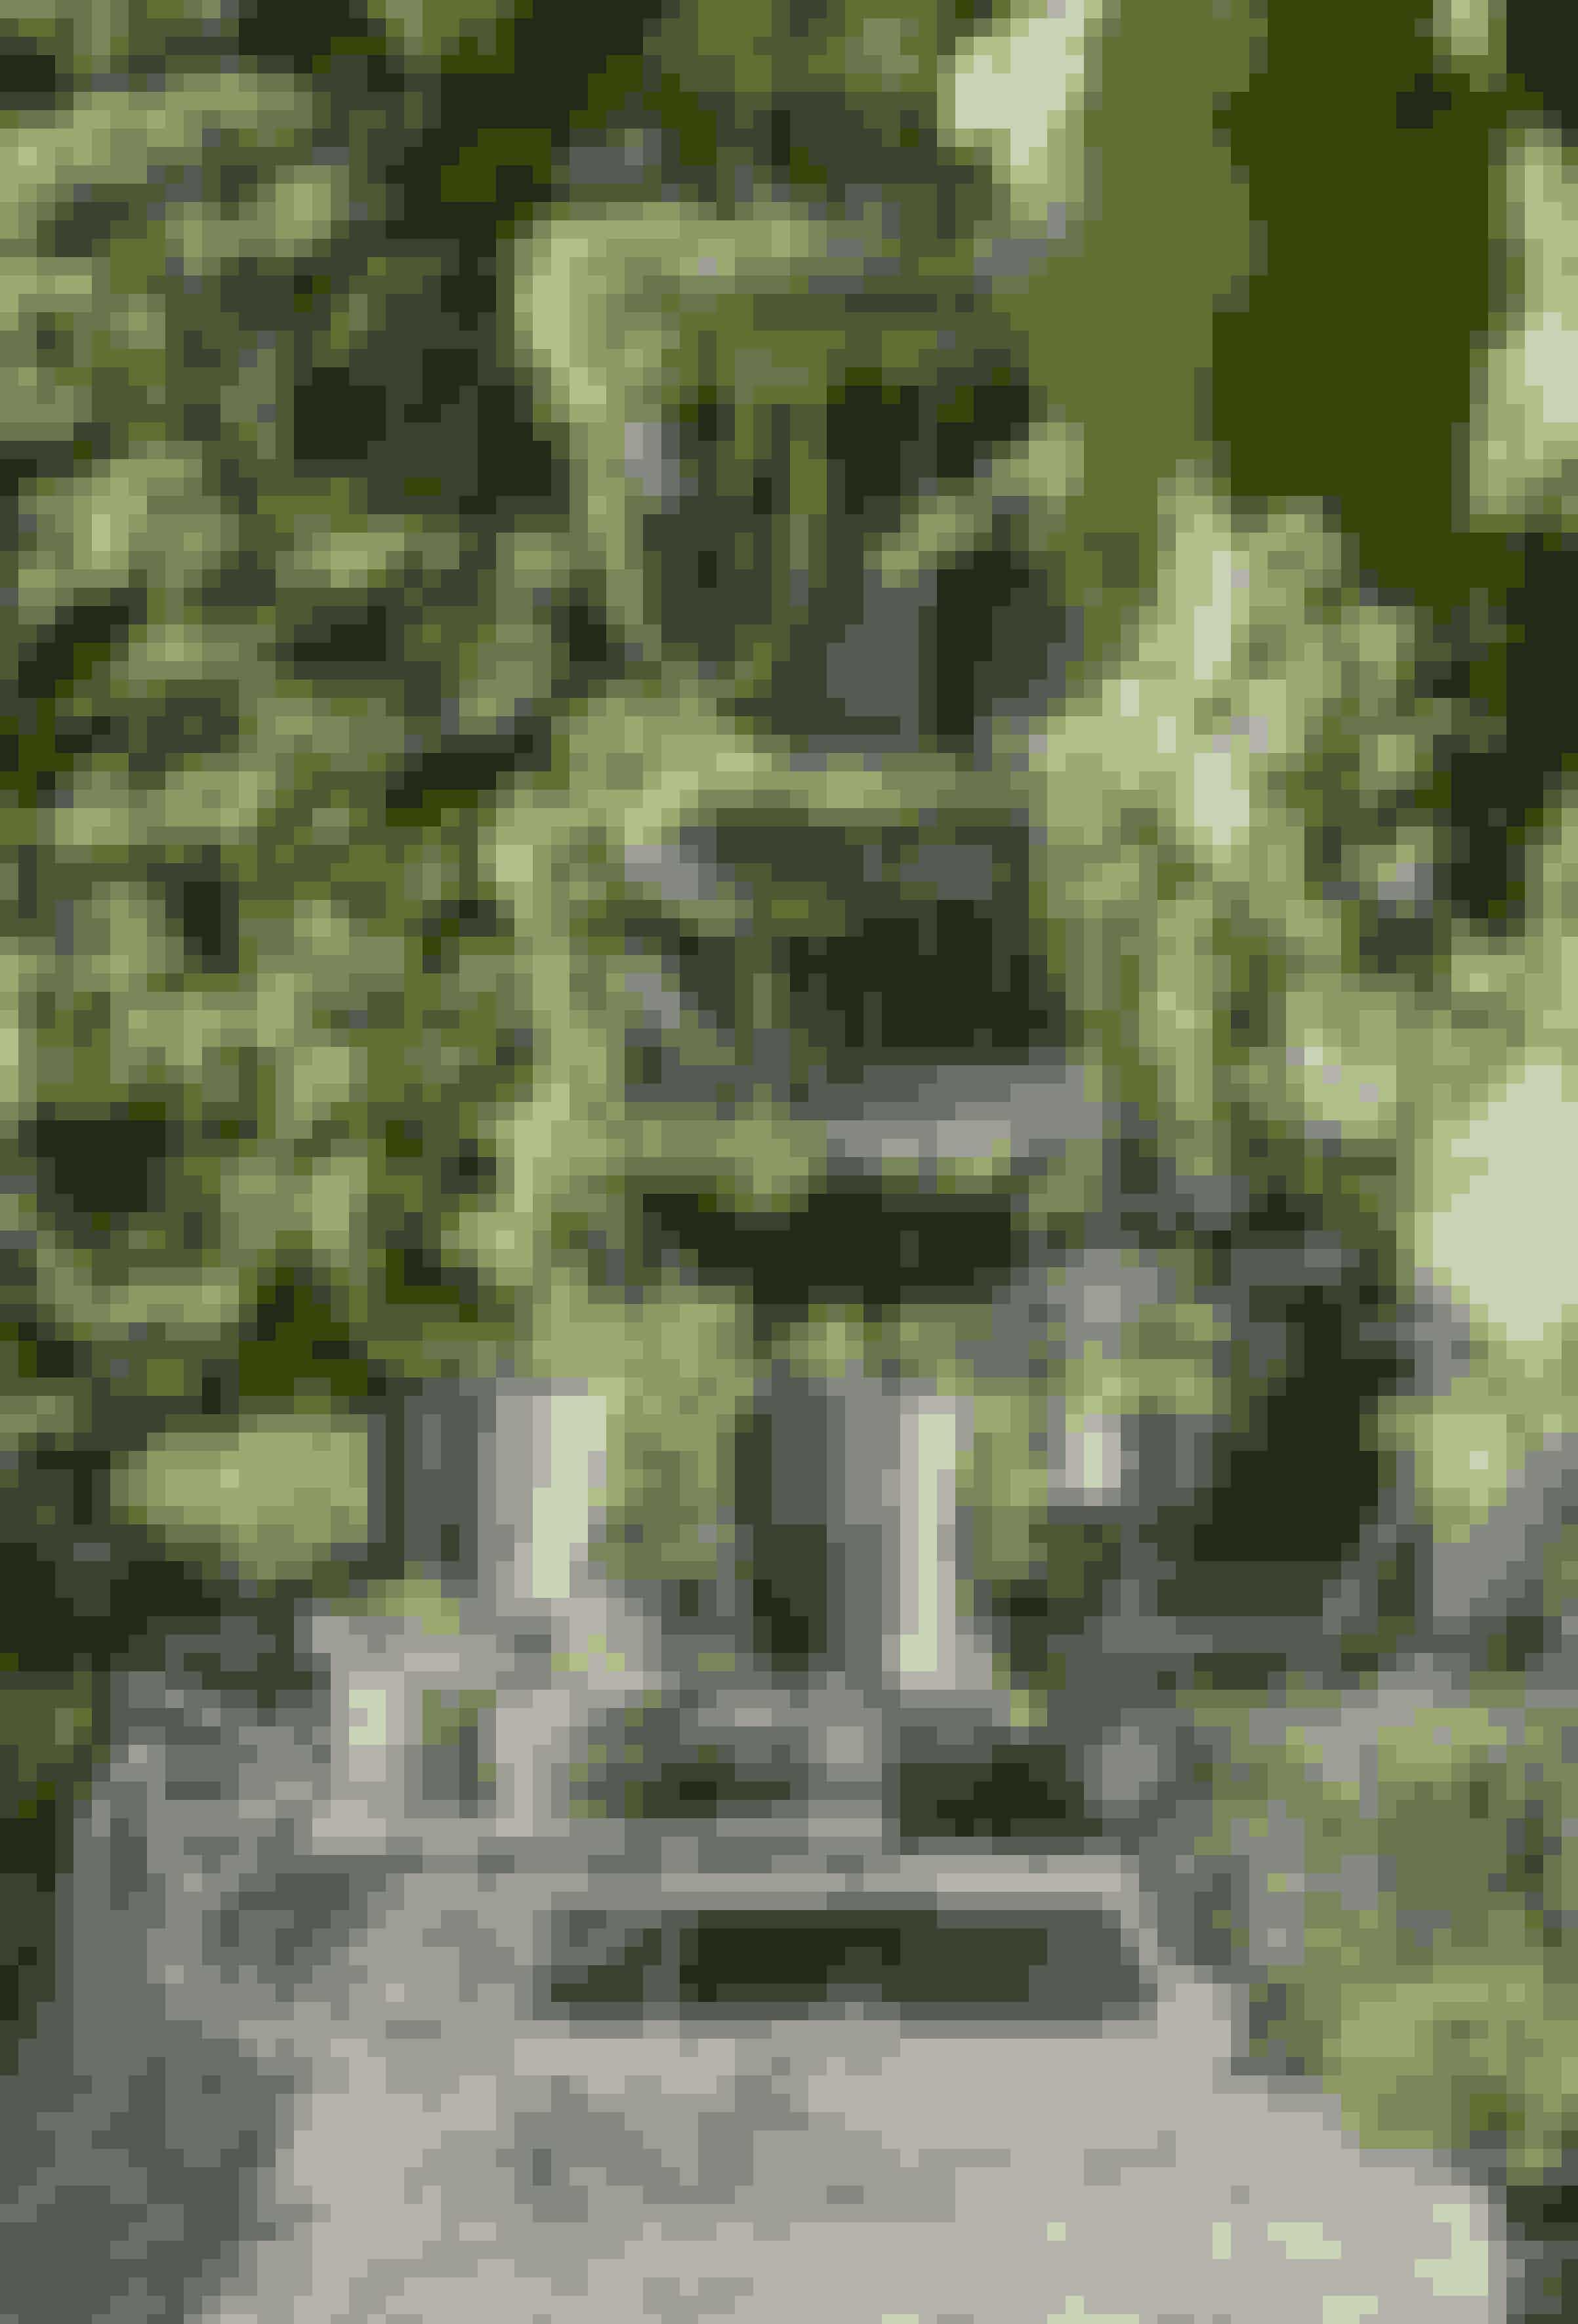 Vælg klatreplantertil din have, og laddem vokse vildt opad mure og rækværk.Det giver en vild ognaturlig havestil.